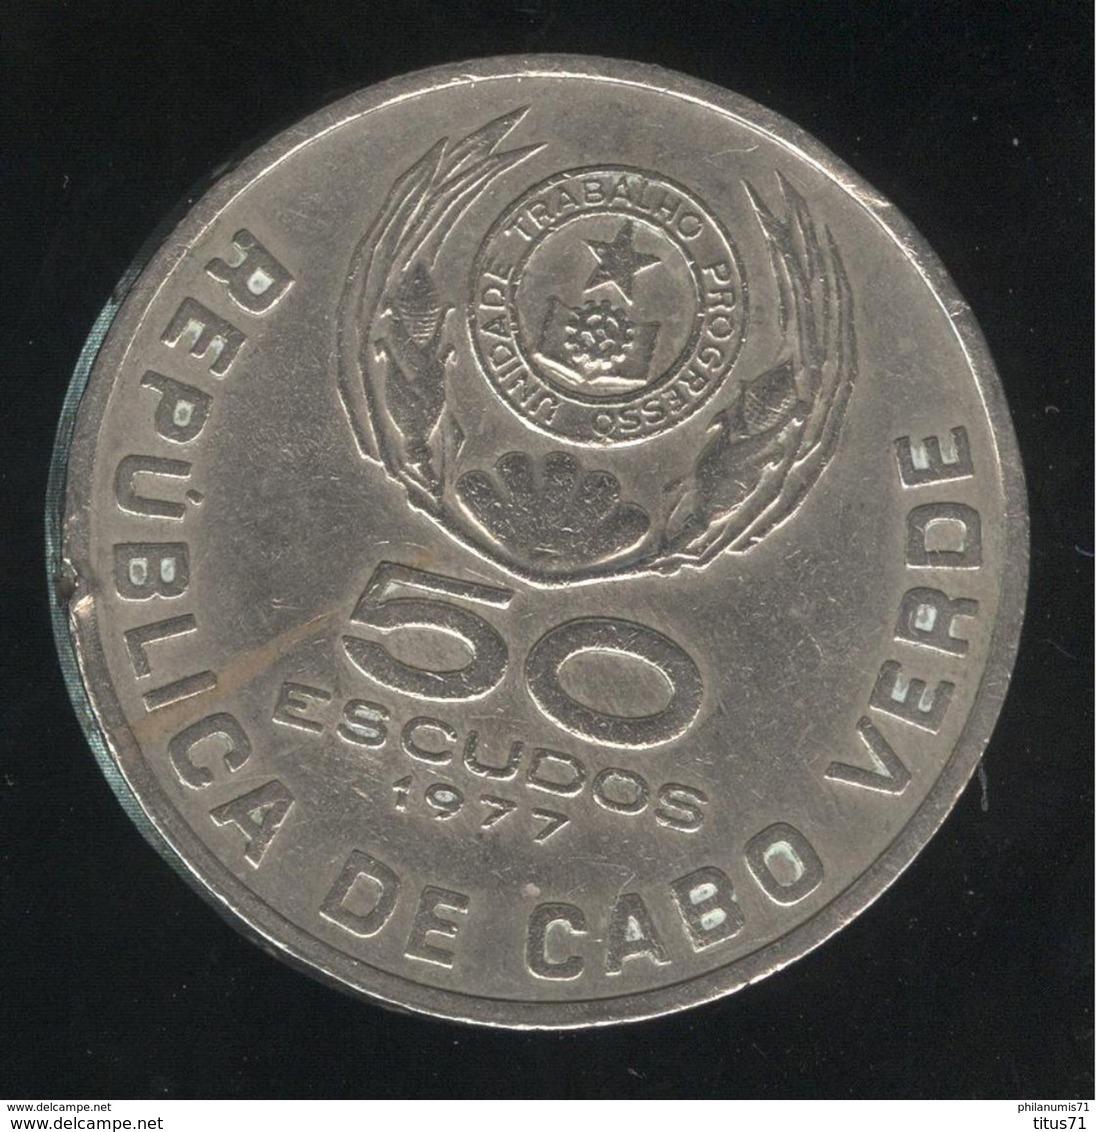 50 Escudos Cap Vert 1977 - TTB - Cape Verde